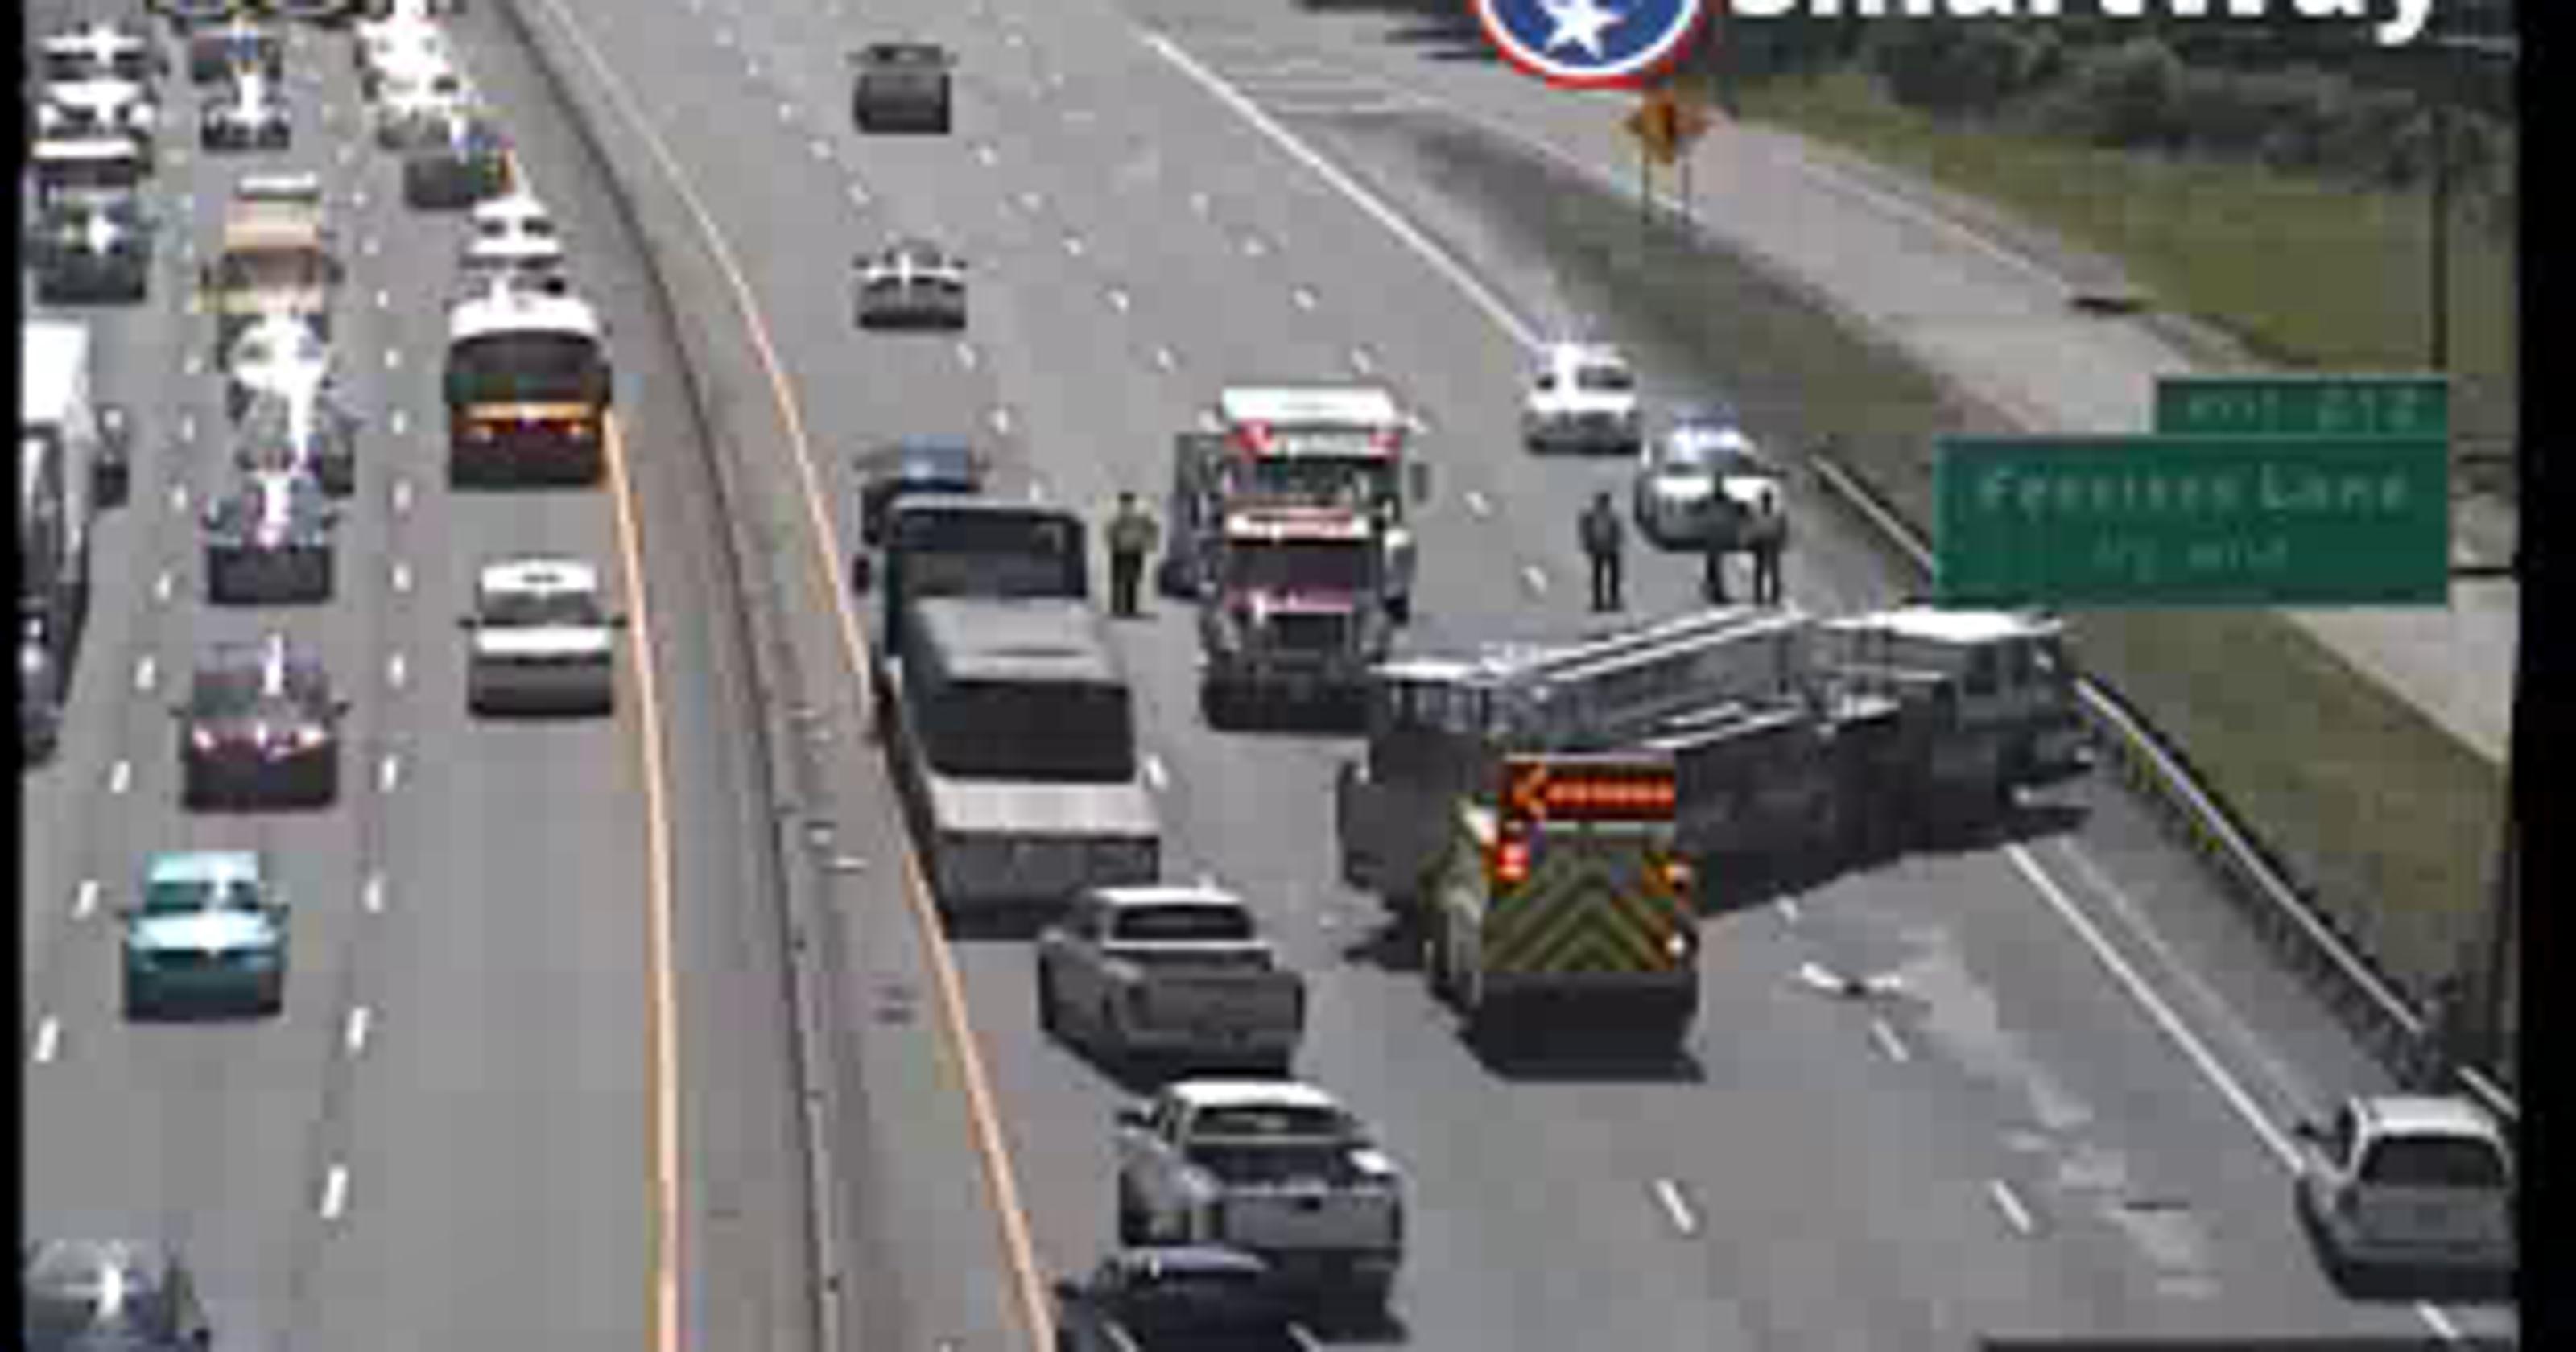 Nashville traffic: I-40 east shut down near Fesslers Lane, downtown